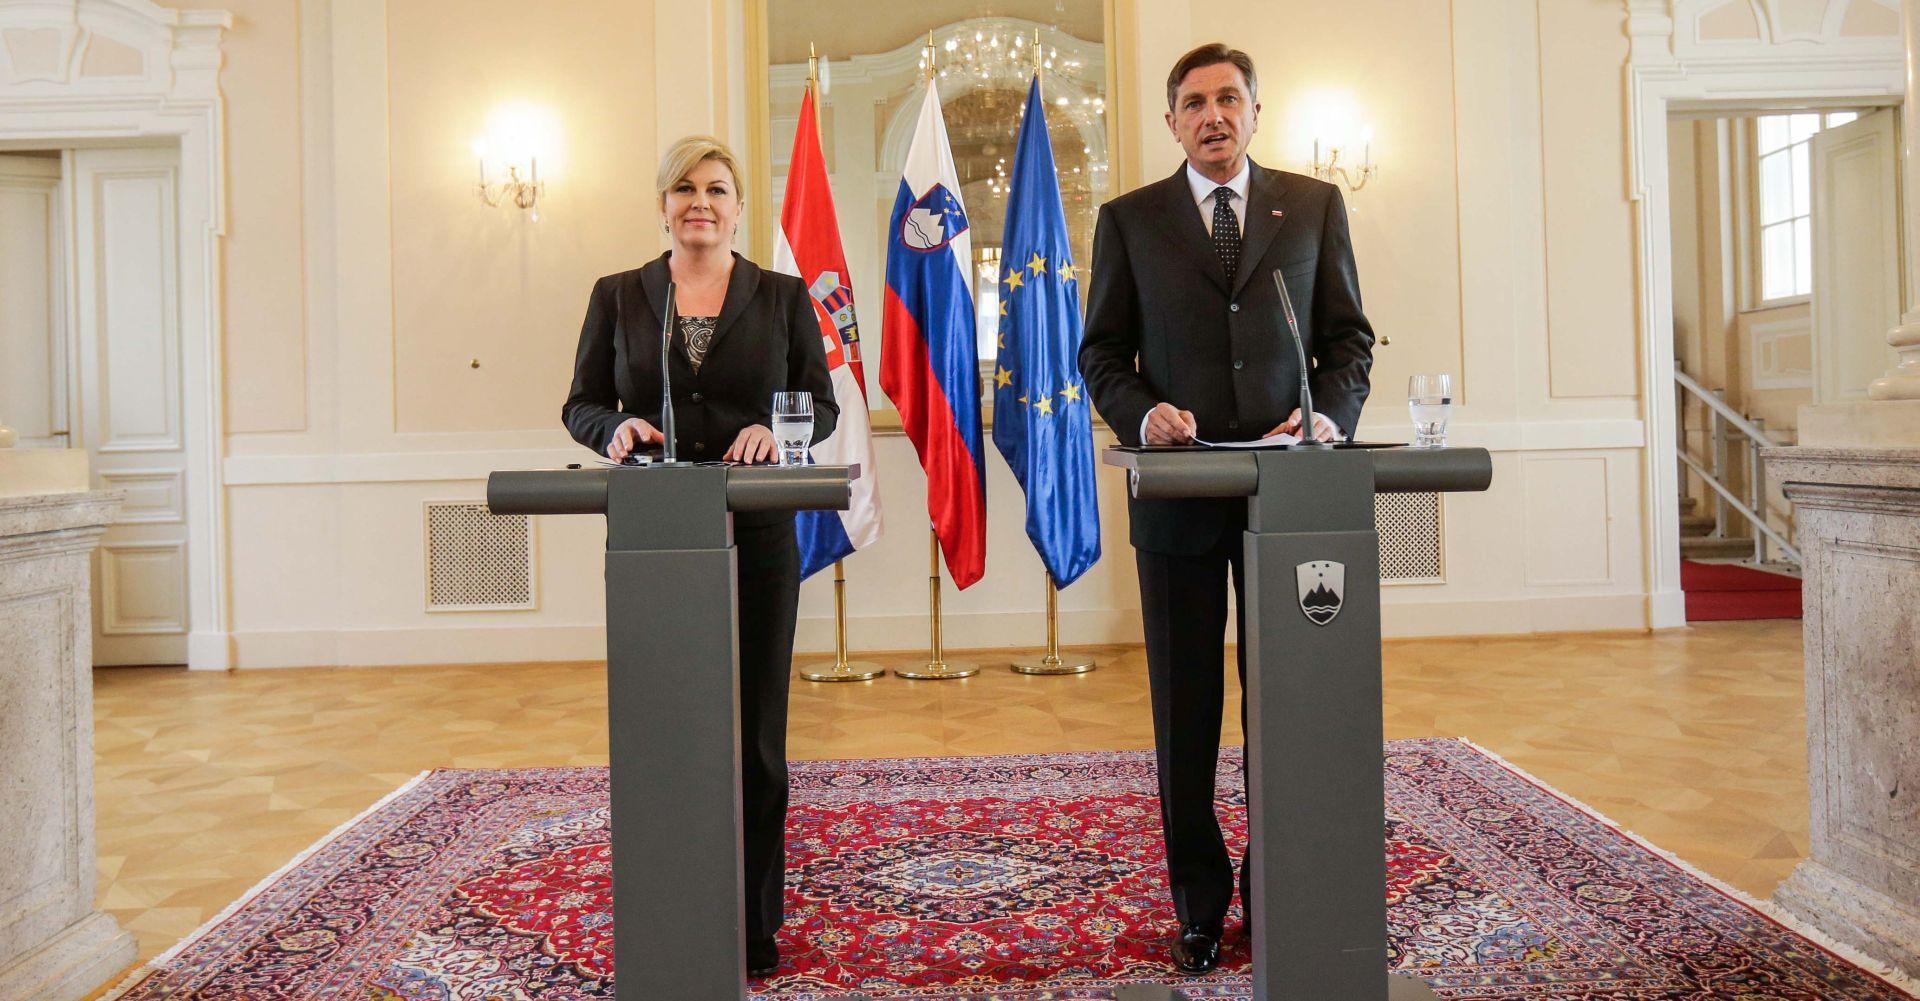 Pahor i Grabar-Kitarović o očekivanim političkim porukama summita koji se u srijedu održava u Zagrebu